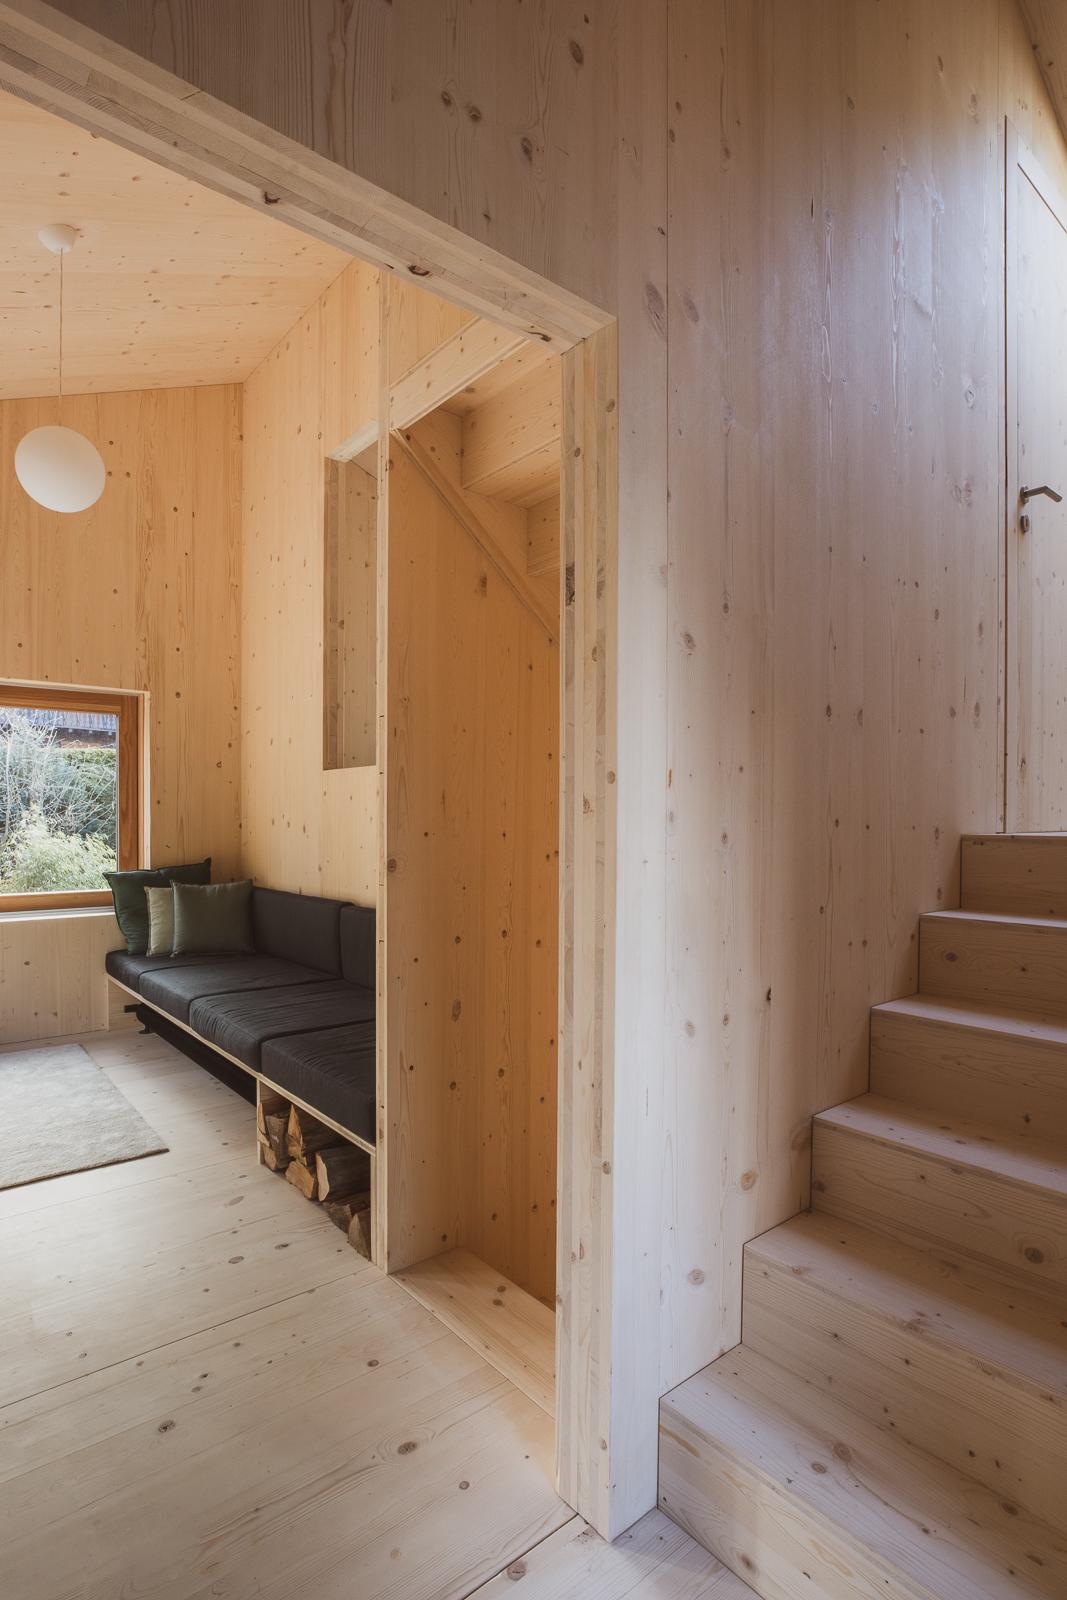 Chodba v chatě se schodiskem